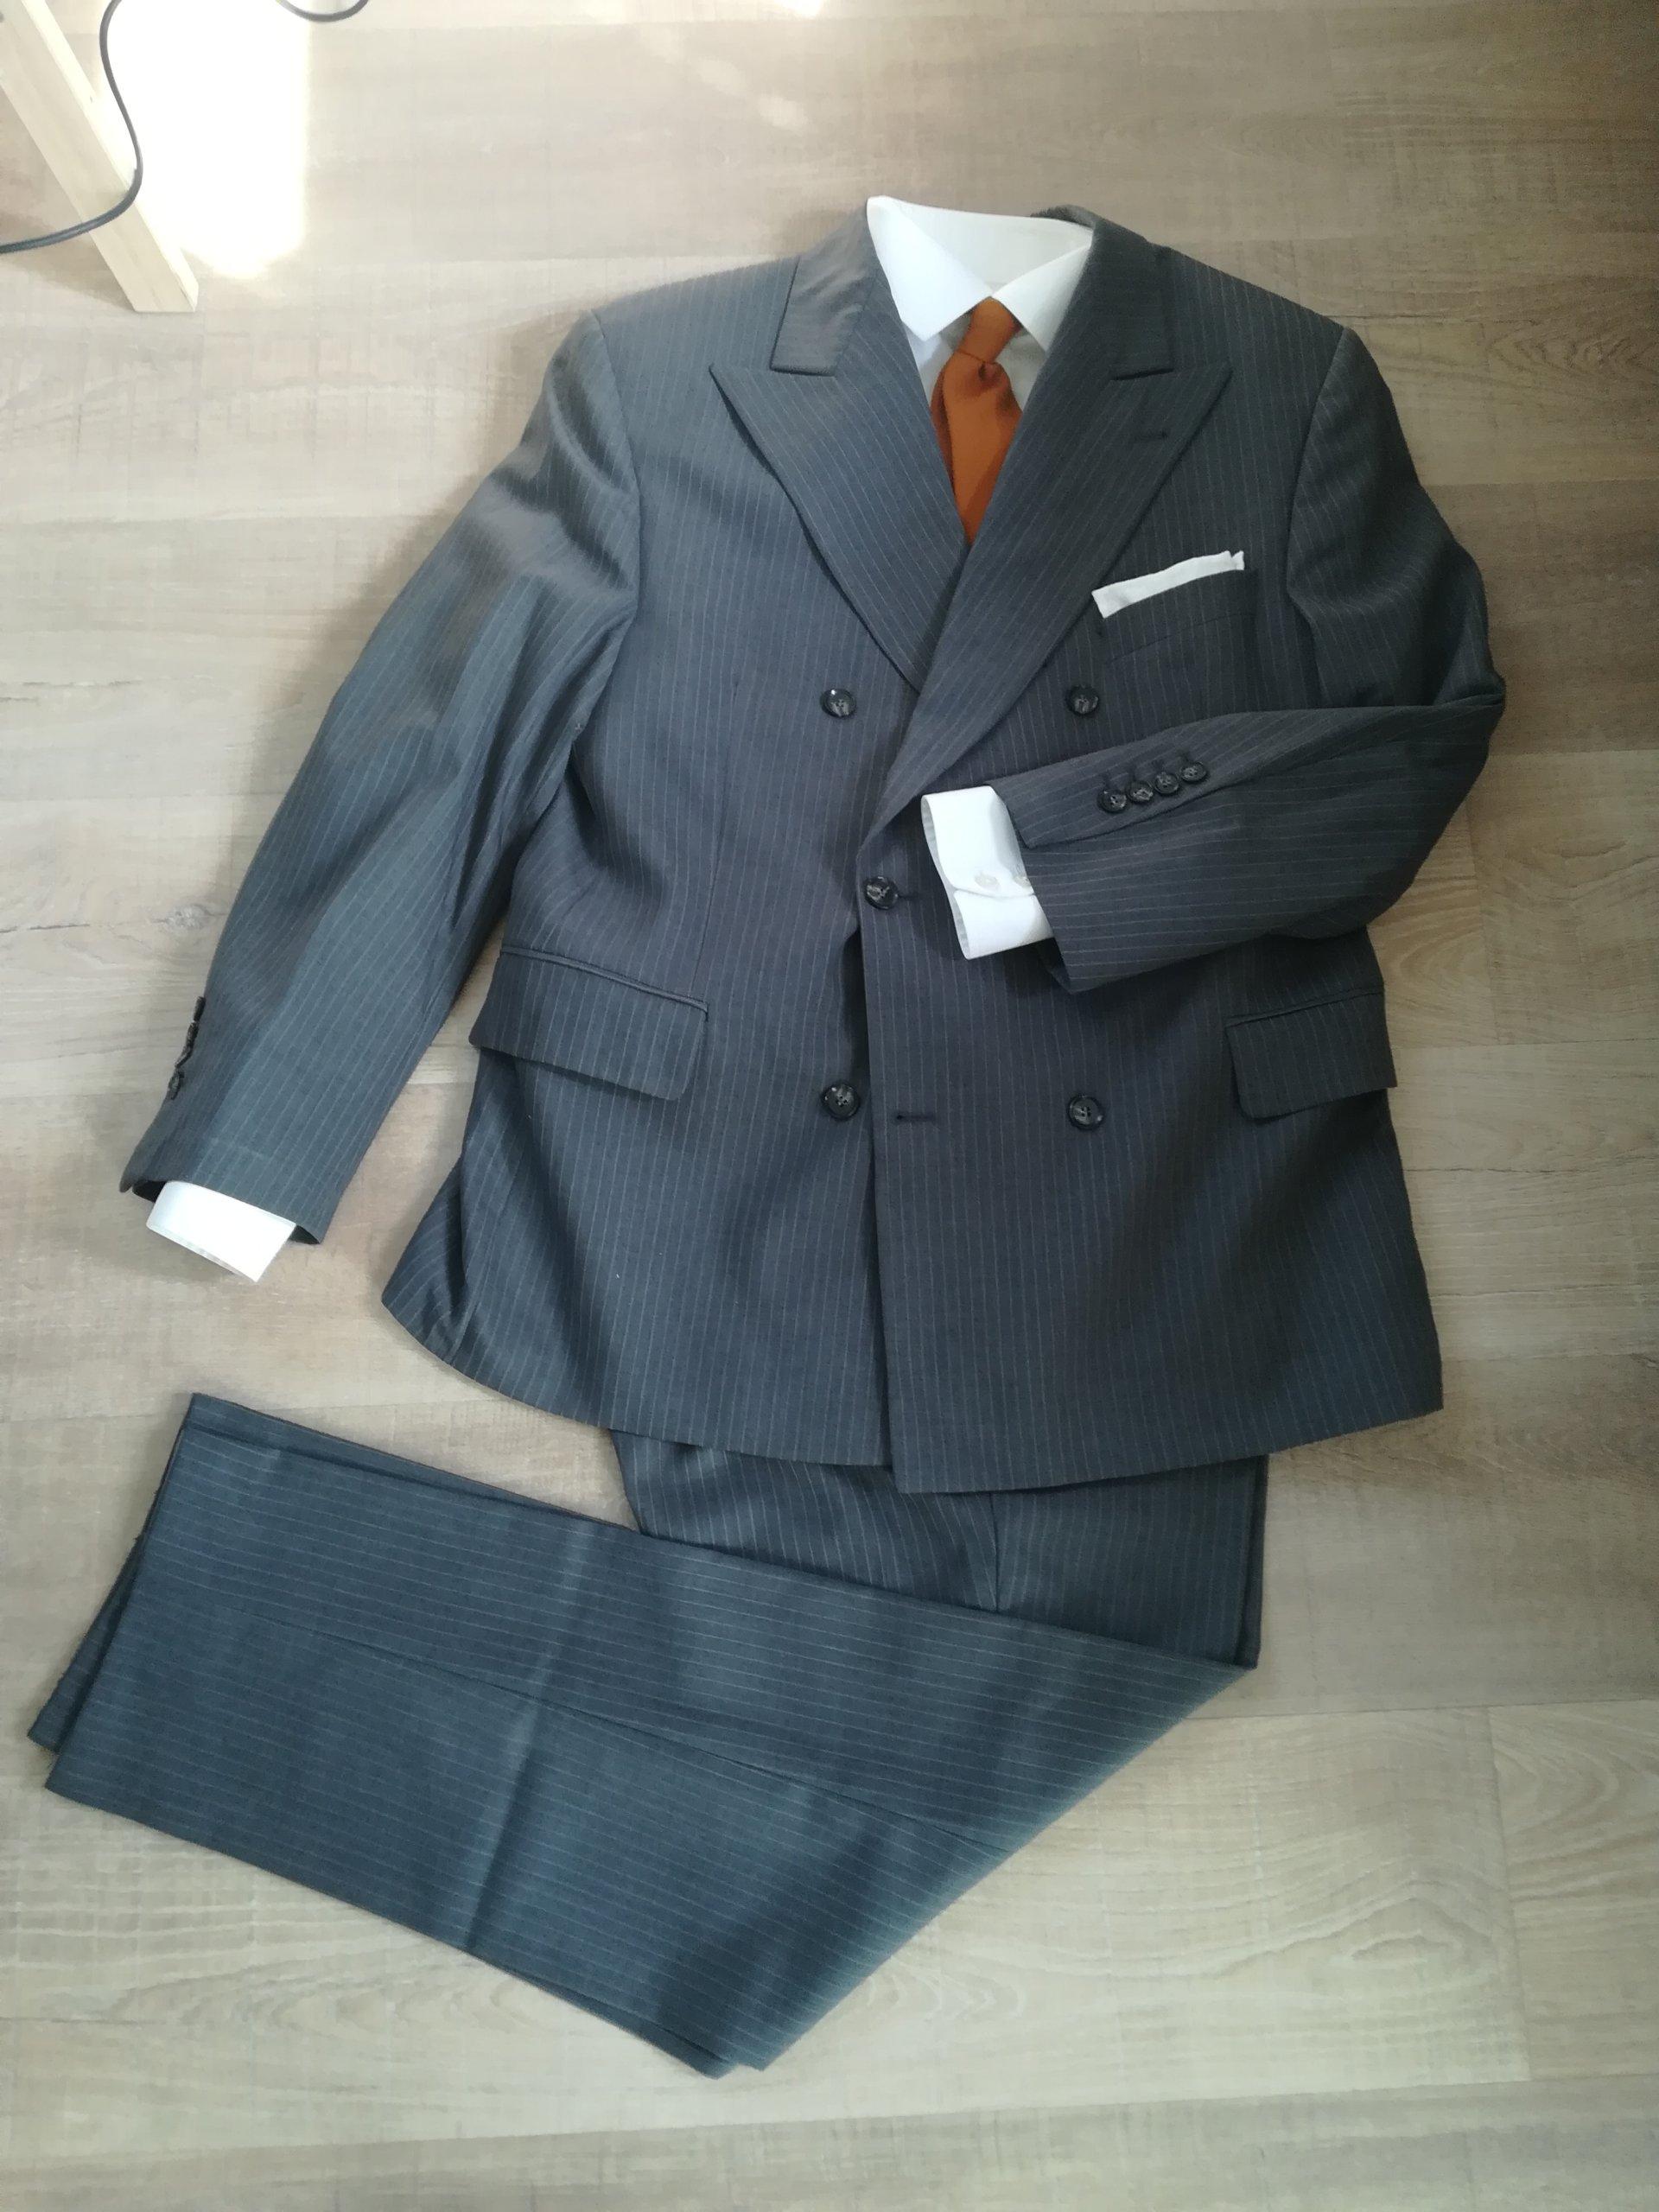 20e11d8a87f5c Biznesowy szary garnitur rozmiar 50/M - 7274463109 - oficjalne ...